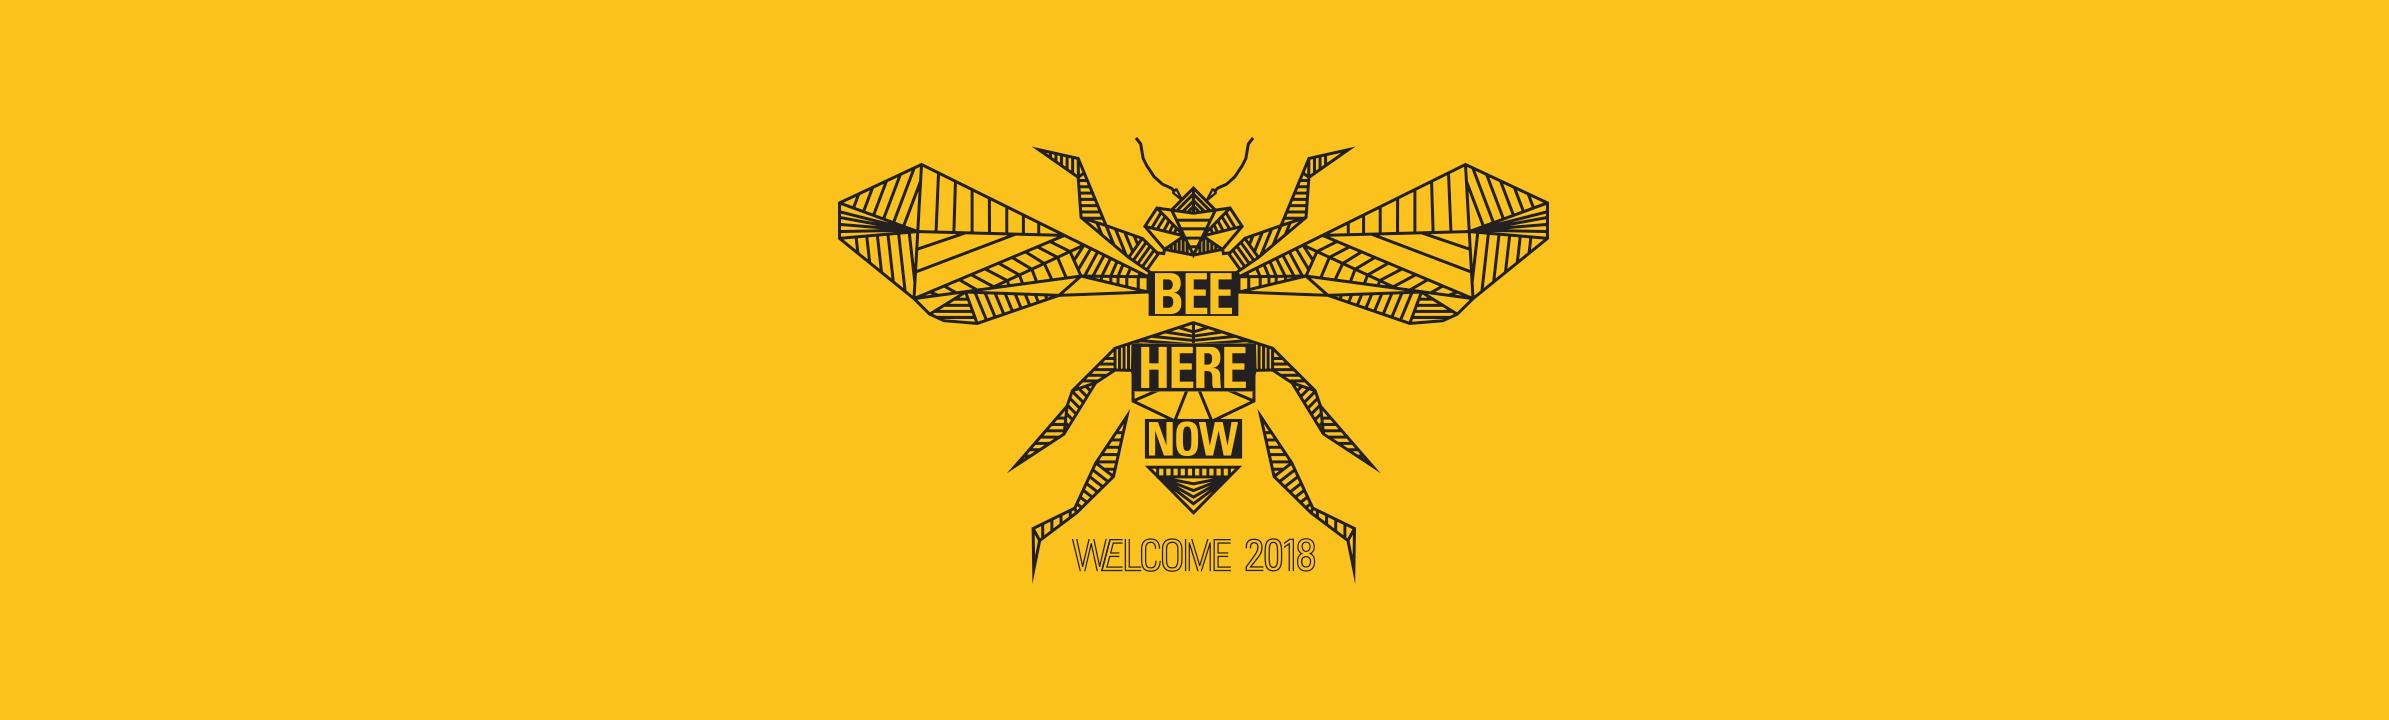 Mmu welcome 2018 homepage